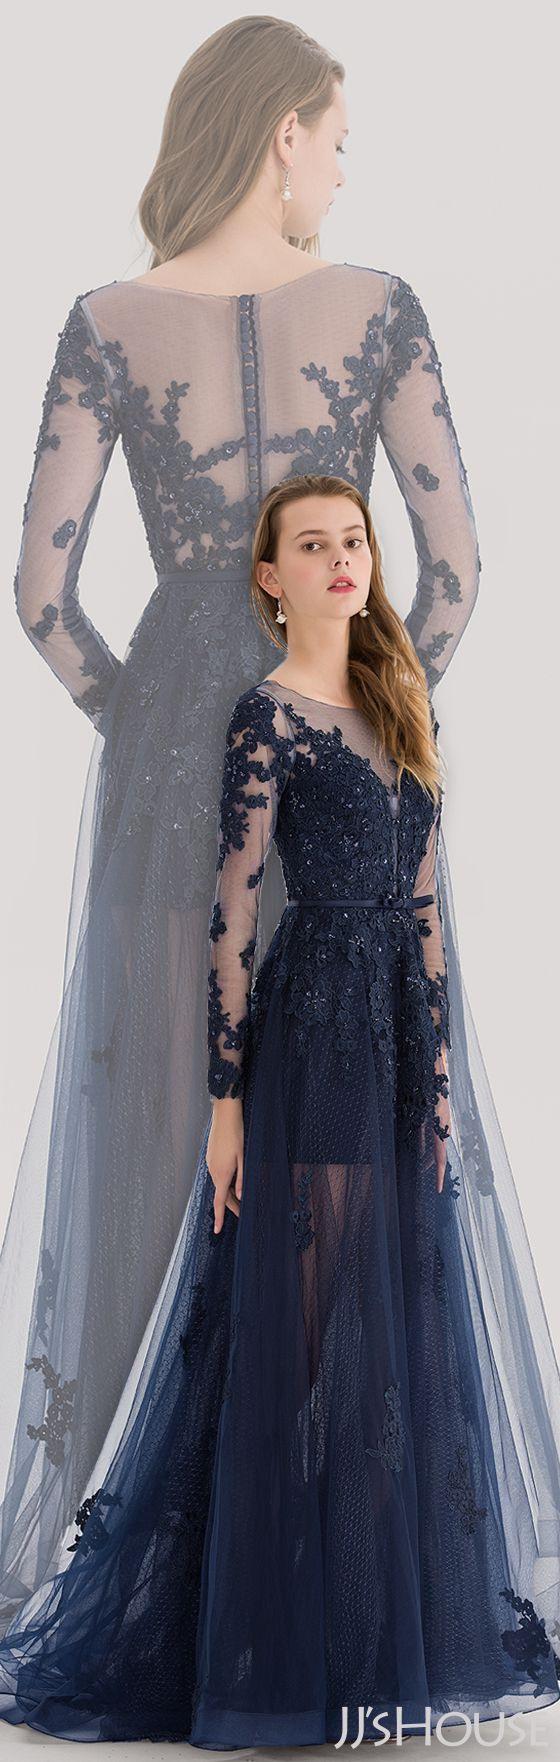 13 Perfekt Abendkleider Jj GalerieDesigner Schön Abendkleider Jj Boutique